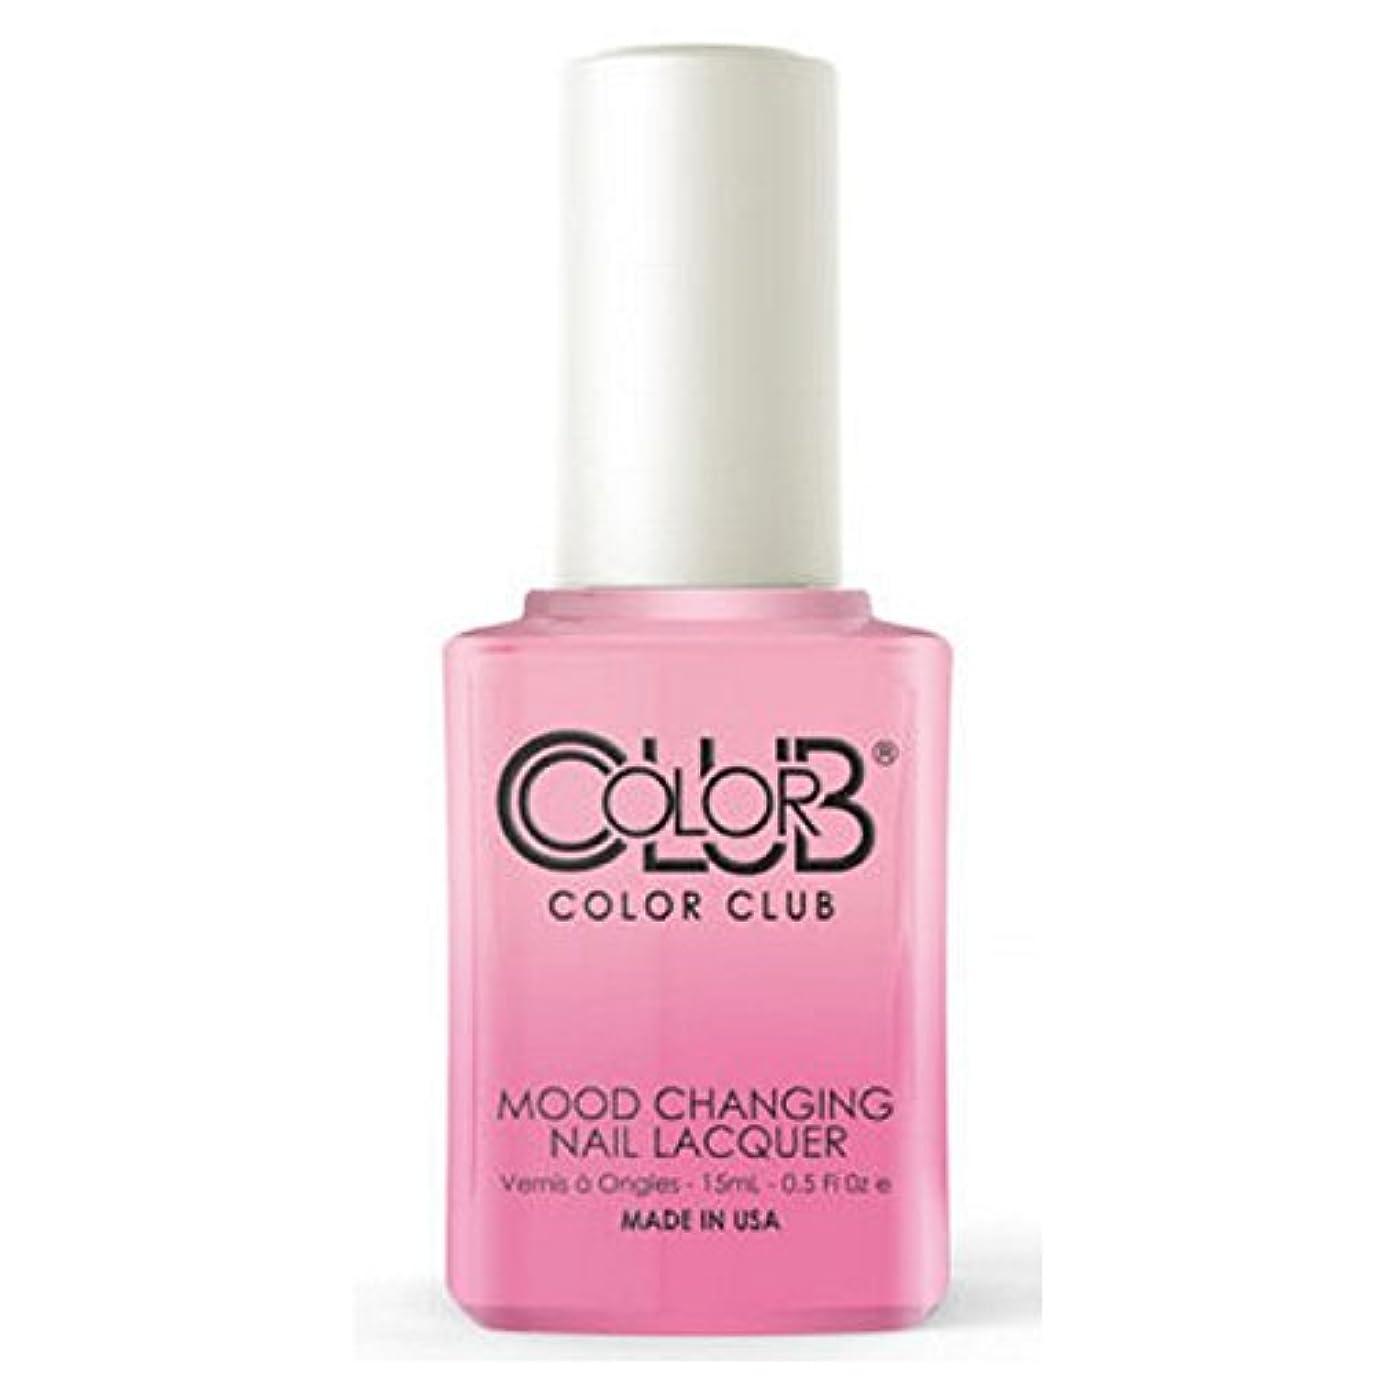 竜巻味本物のColor Club Mood Changing Nail Lacquer - Enlightened - 15 mL / 0.5 fl oz